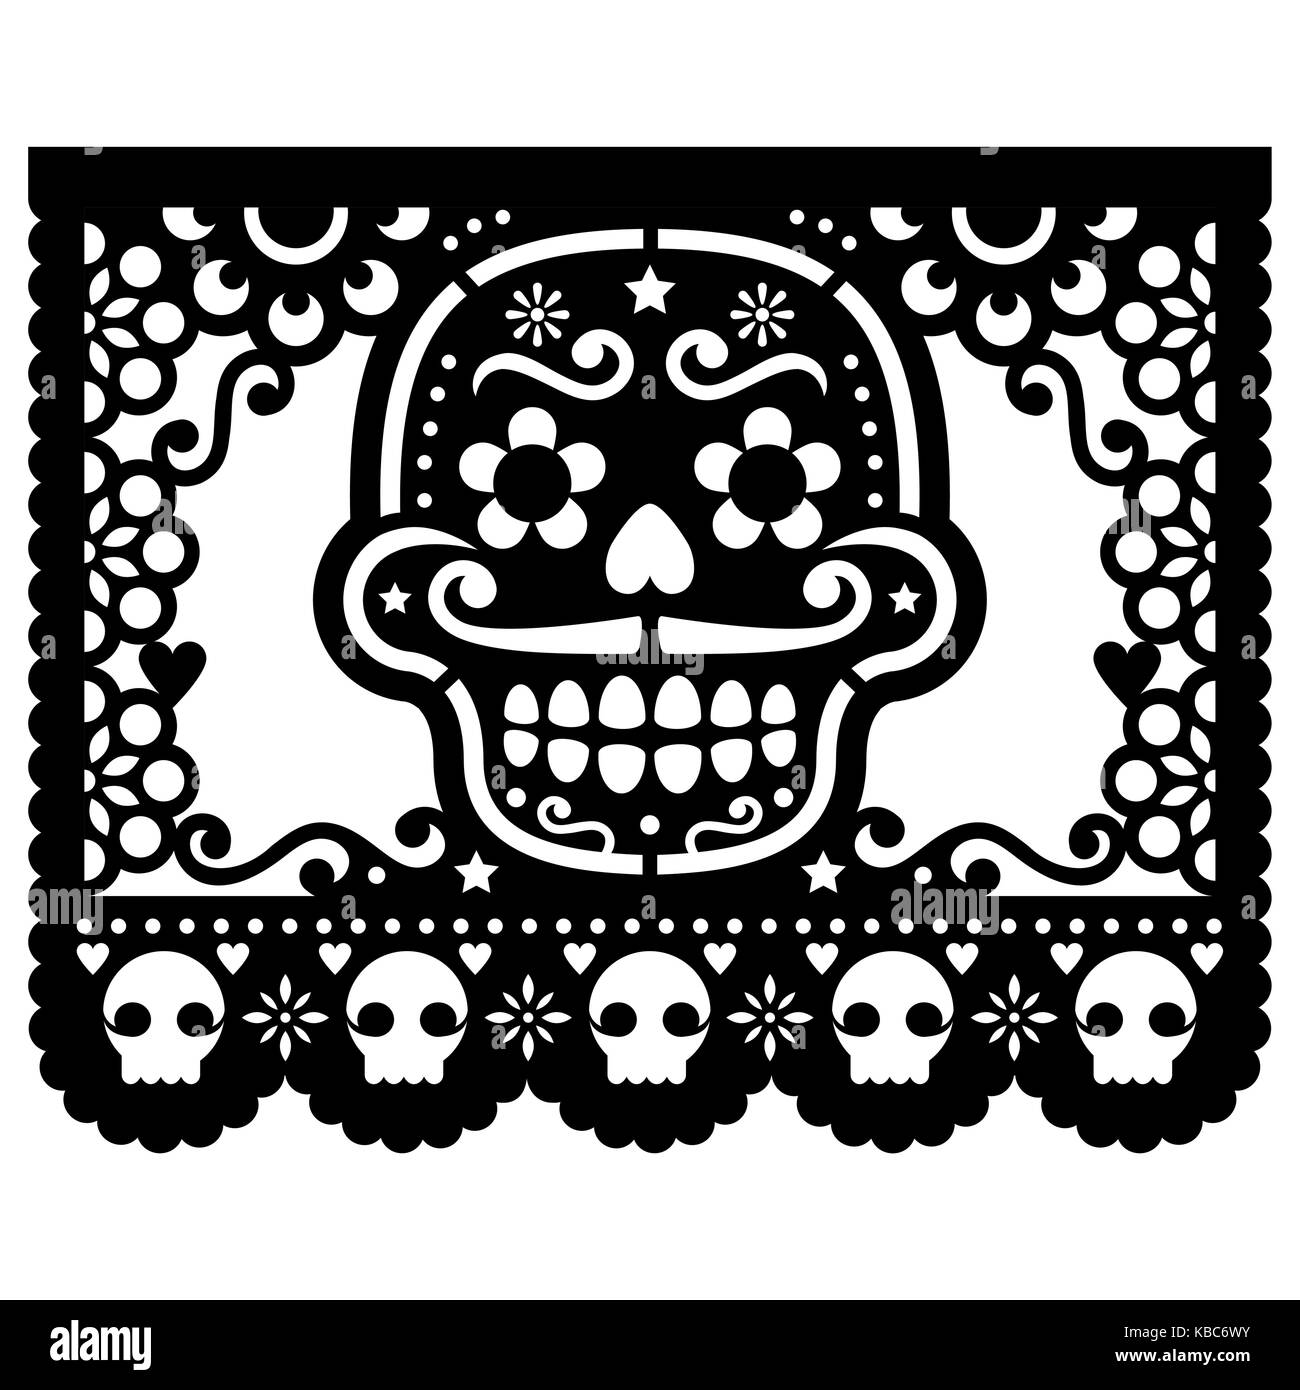 51d7e3c8a96 Mexican sugar skull vector paper decorations - Papel Picado black ...